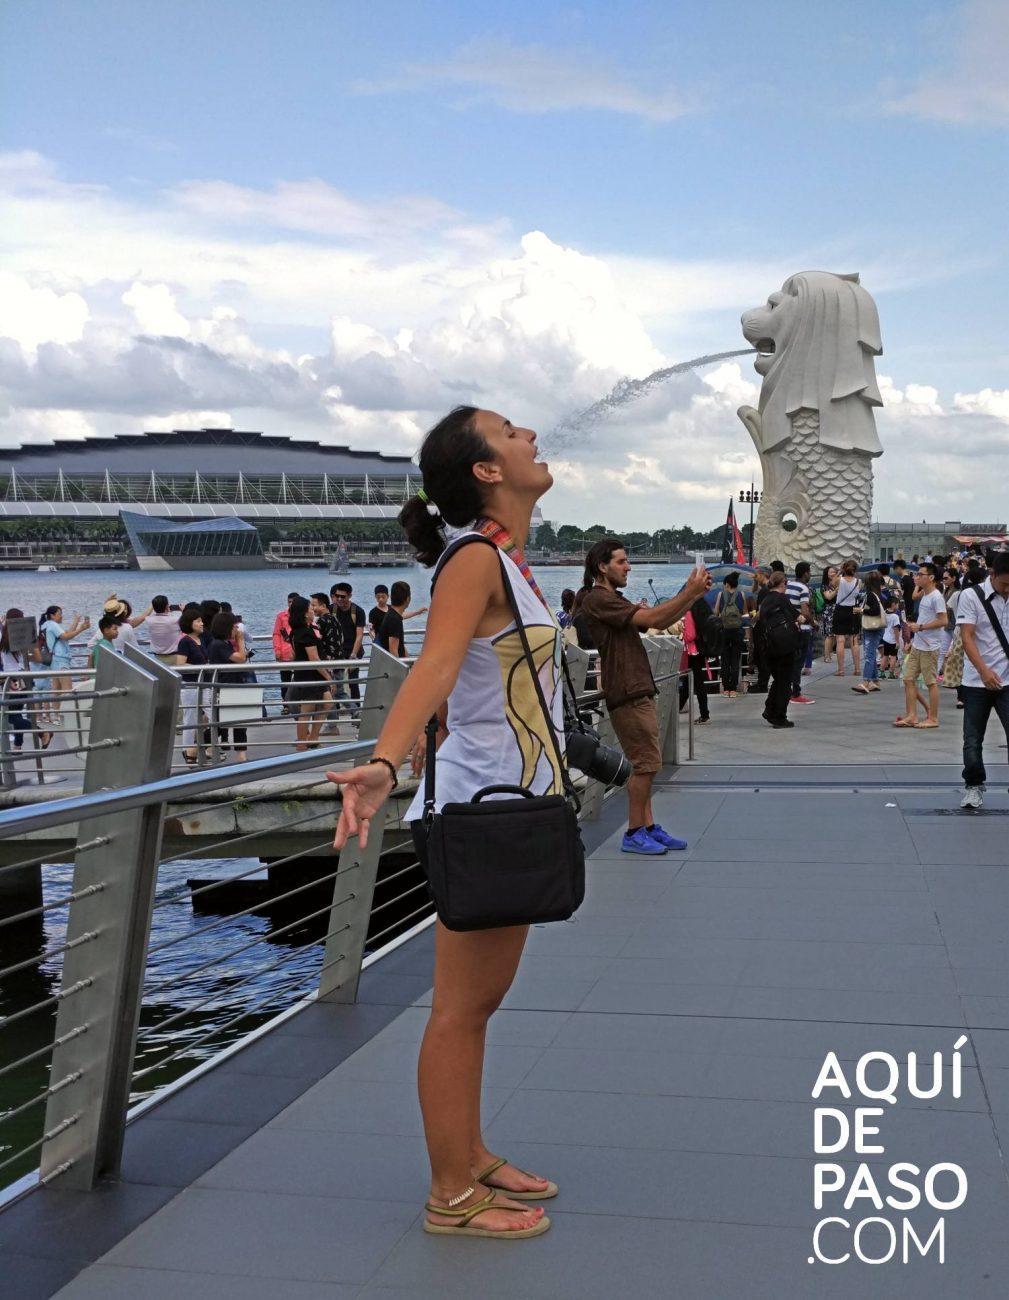 Singapur_Aquidepaso.com